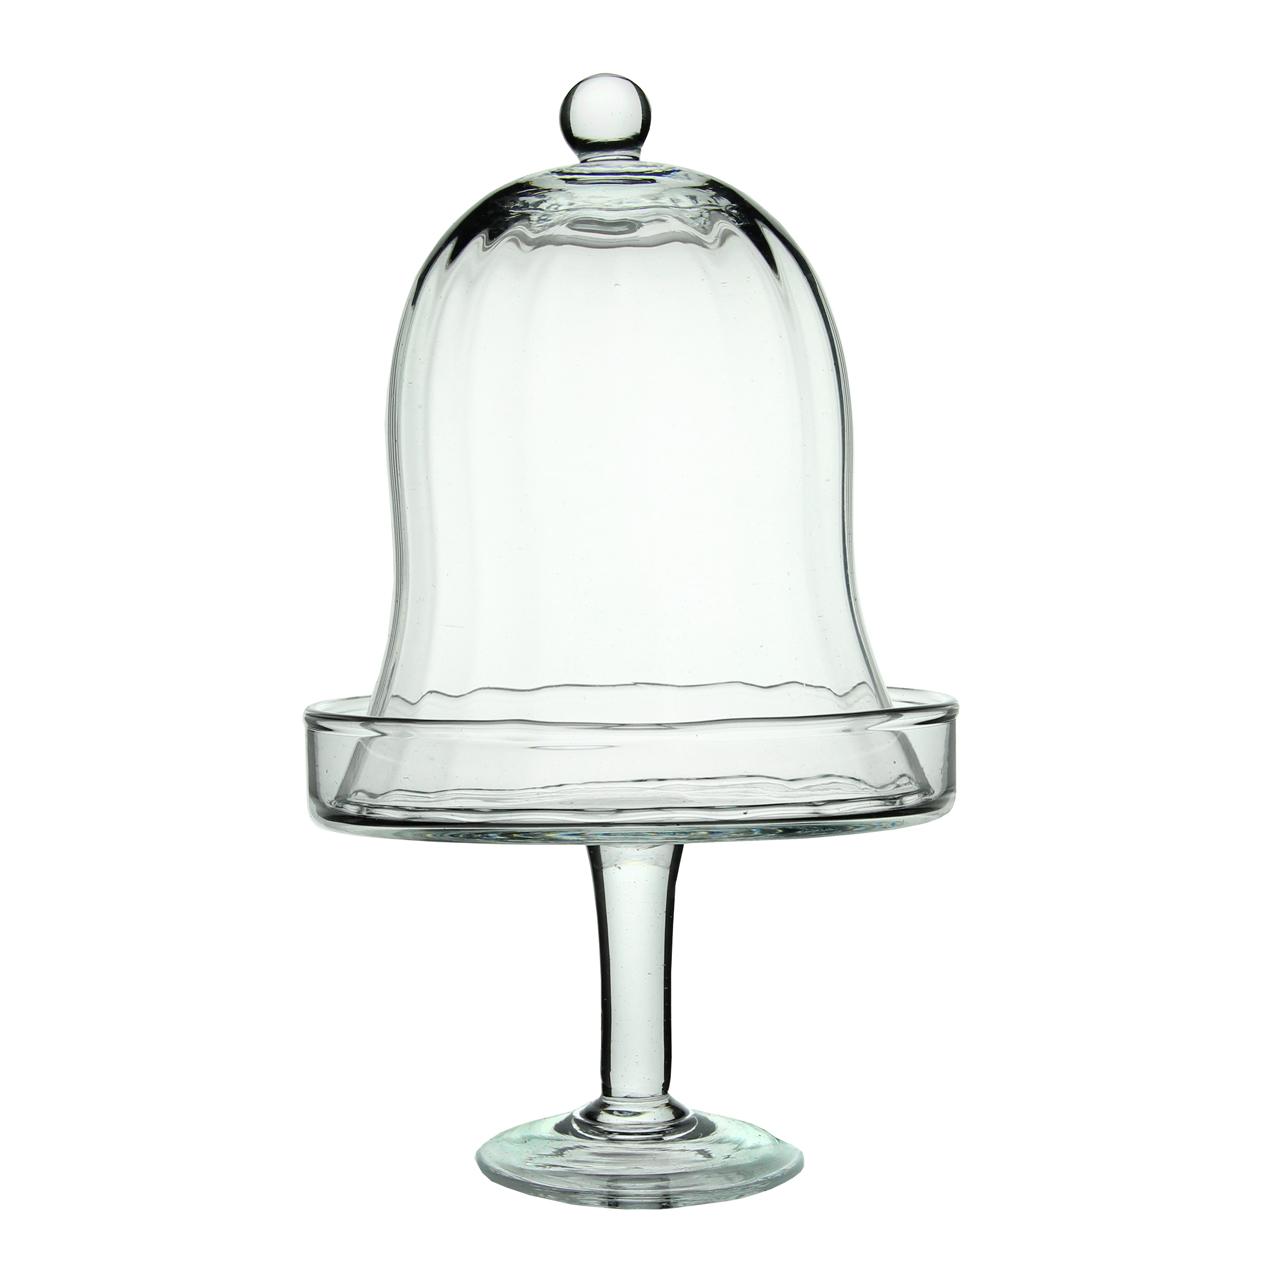 Platou Cu Picior Si Capac Clopot Din Sticla 15 Cm